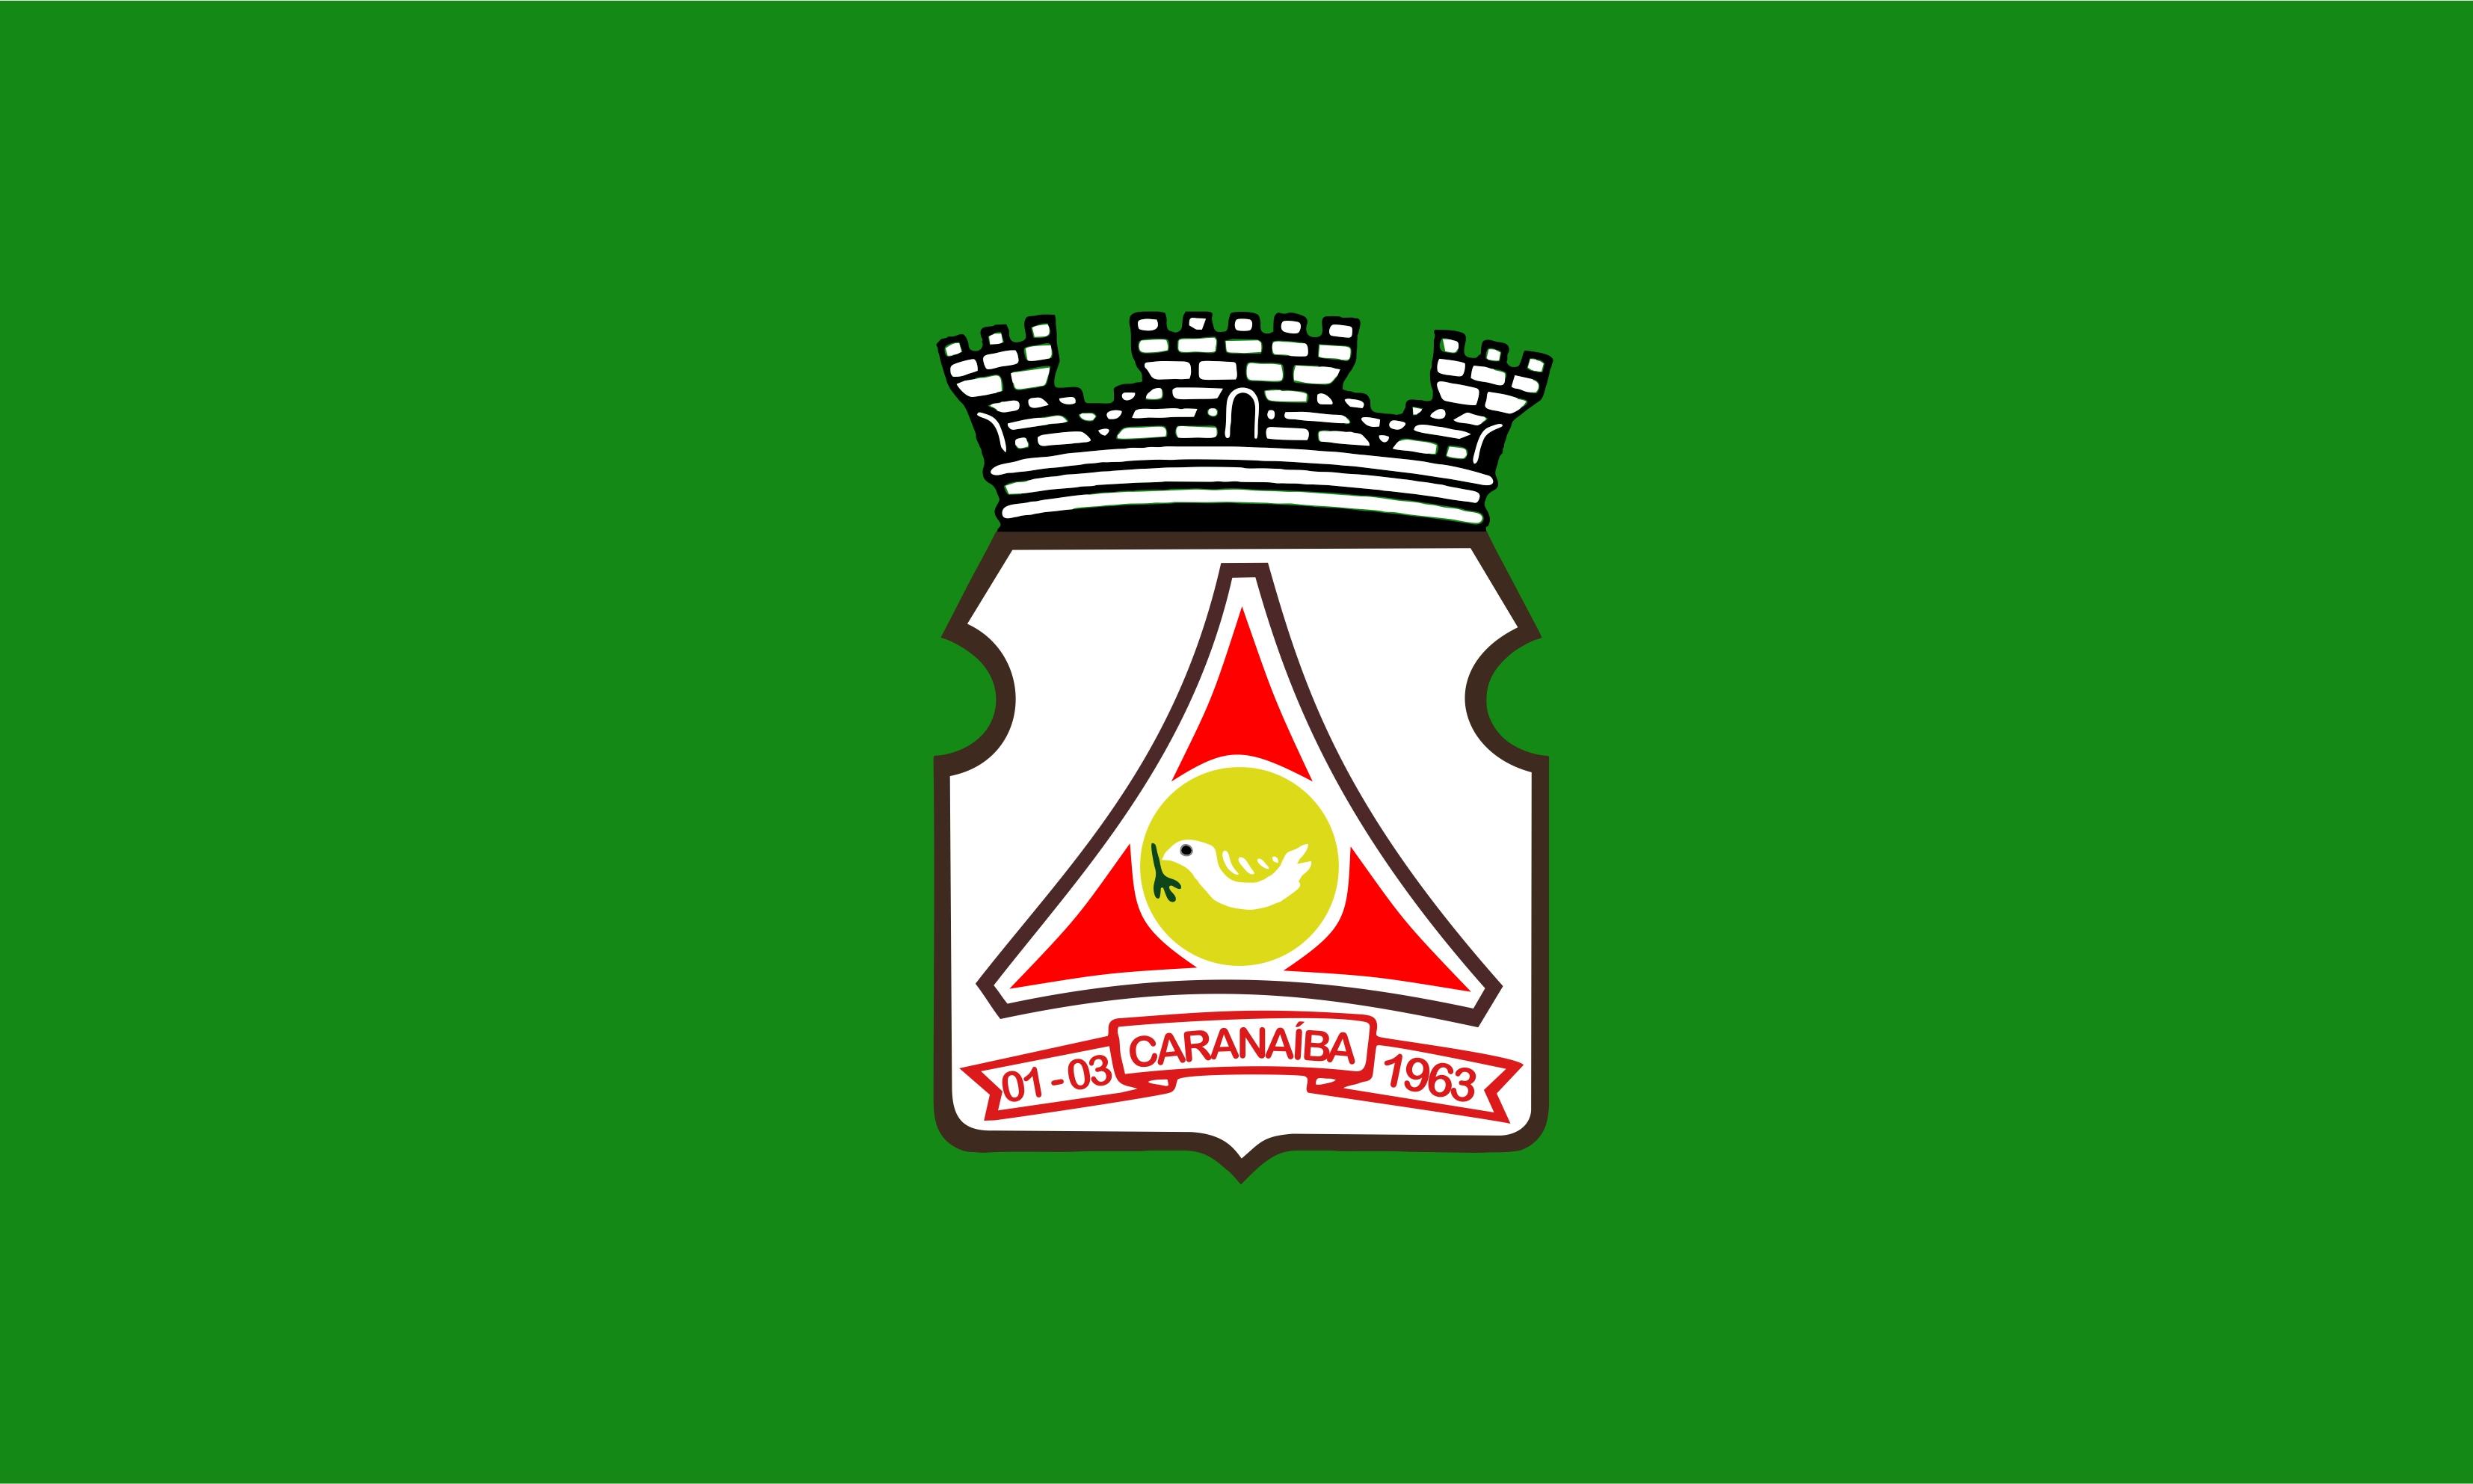 836559a06 Bandeira oficial do Município de Caranaíba